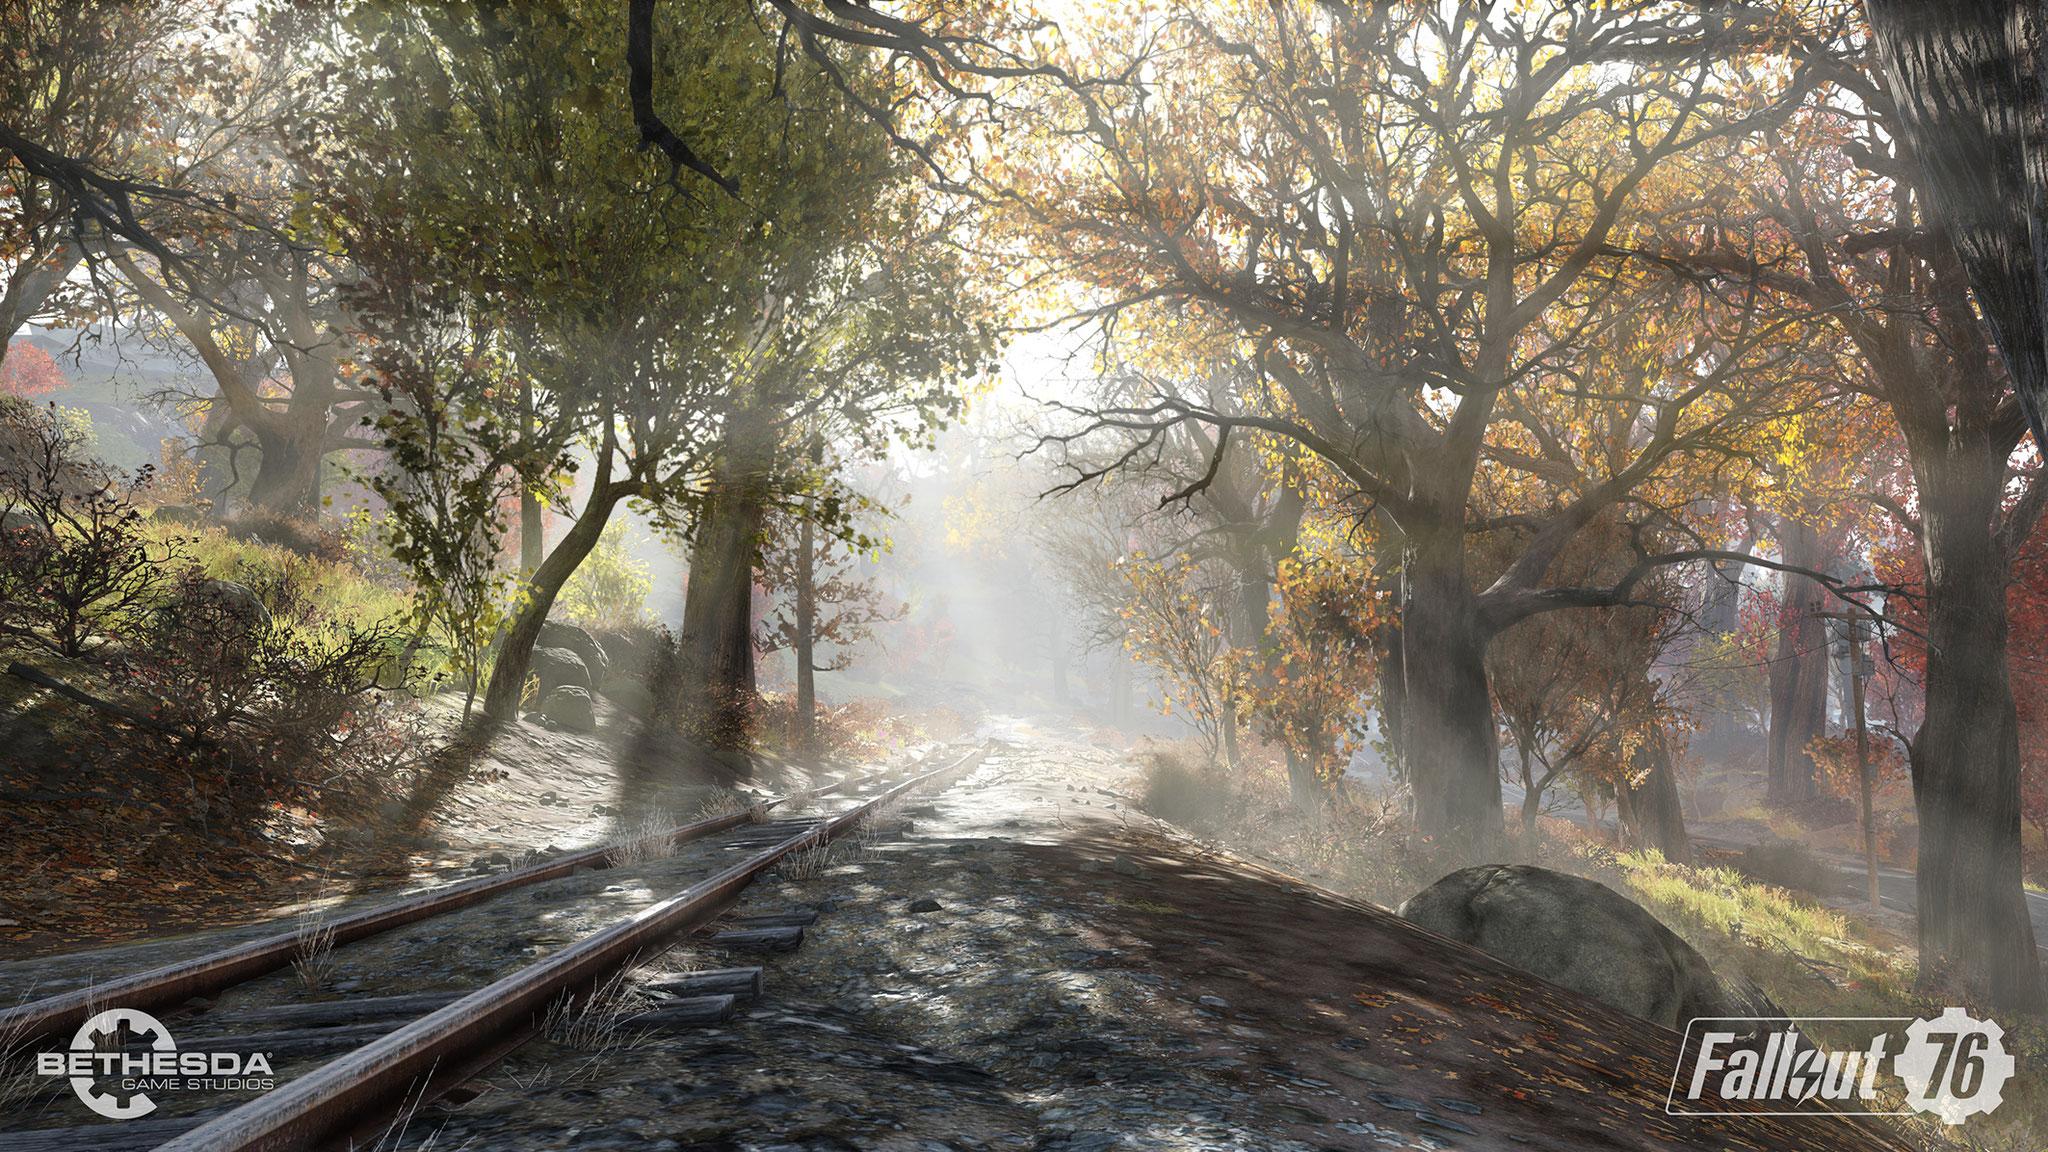 """Für die Umsetzung seines Abenteuers hat Bethesda wie üblich seine """"Creation Engine"""" eingesetzt: Die ist zwar gerade technisch ziemlich veraltet, aber einige hübsche Schauplätze hält das Spiel trotzdem bereit."""